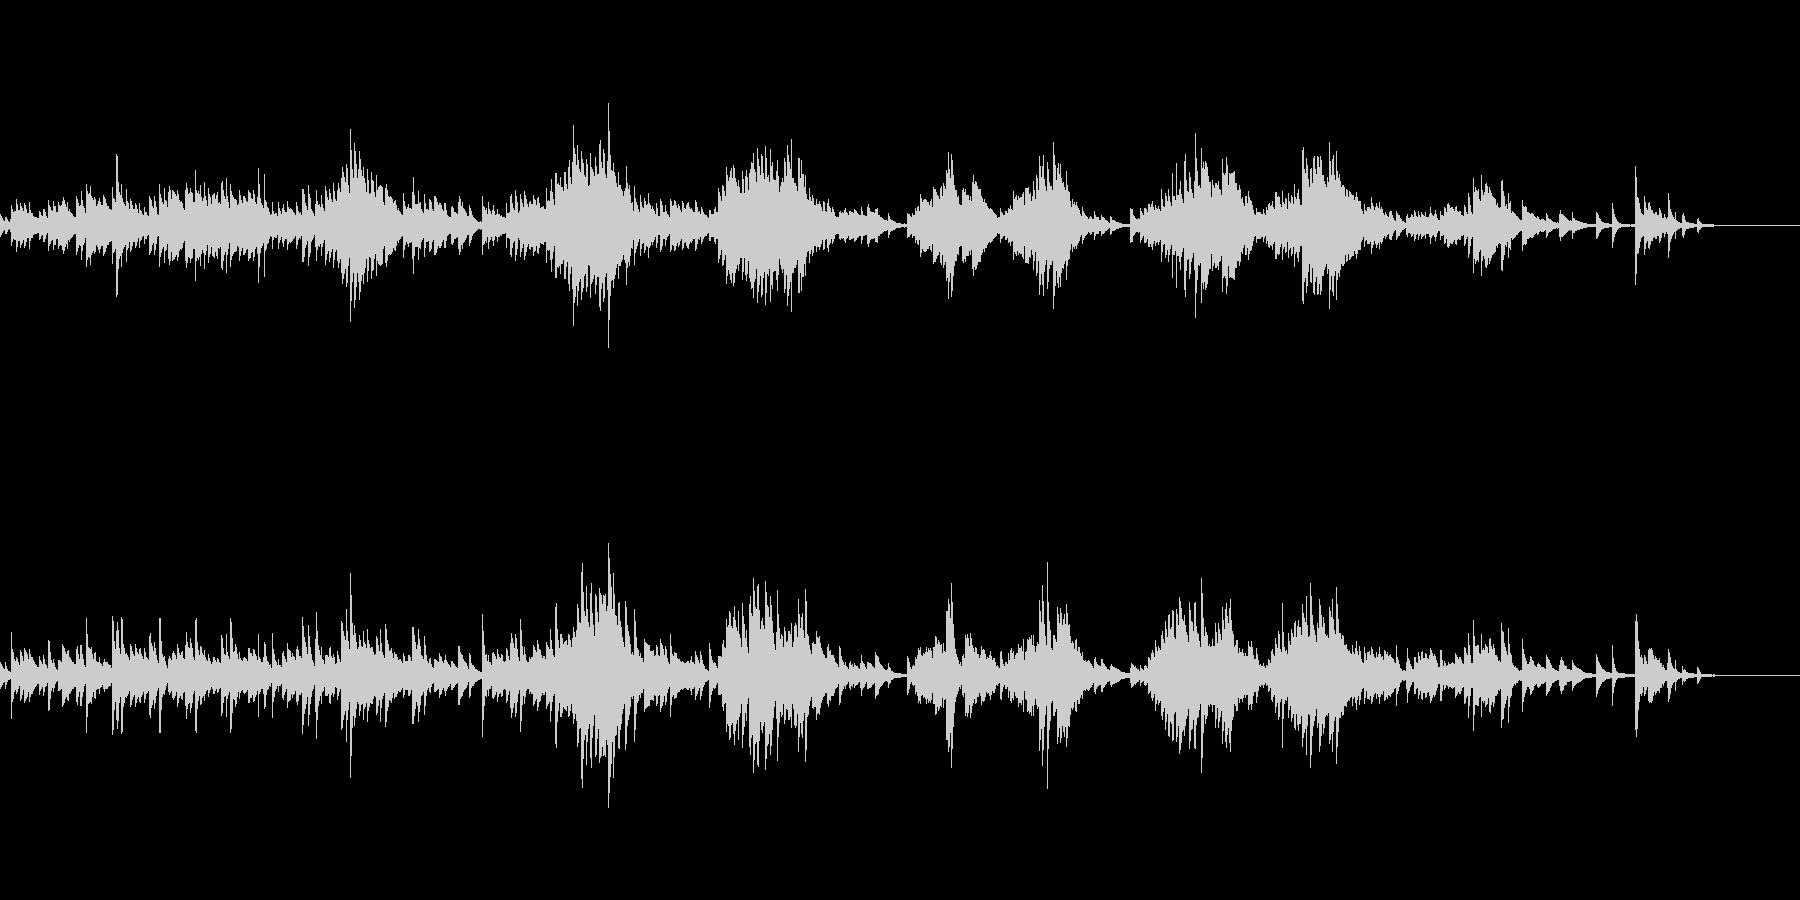 一つのモチーフに異なるハーモニーピアノ曲の未再生の波形